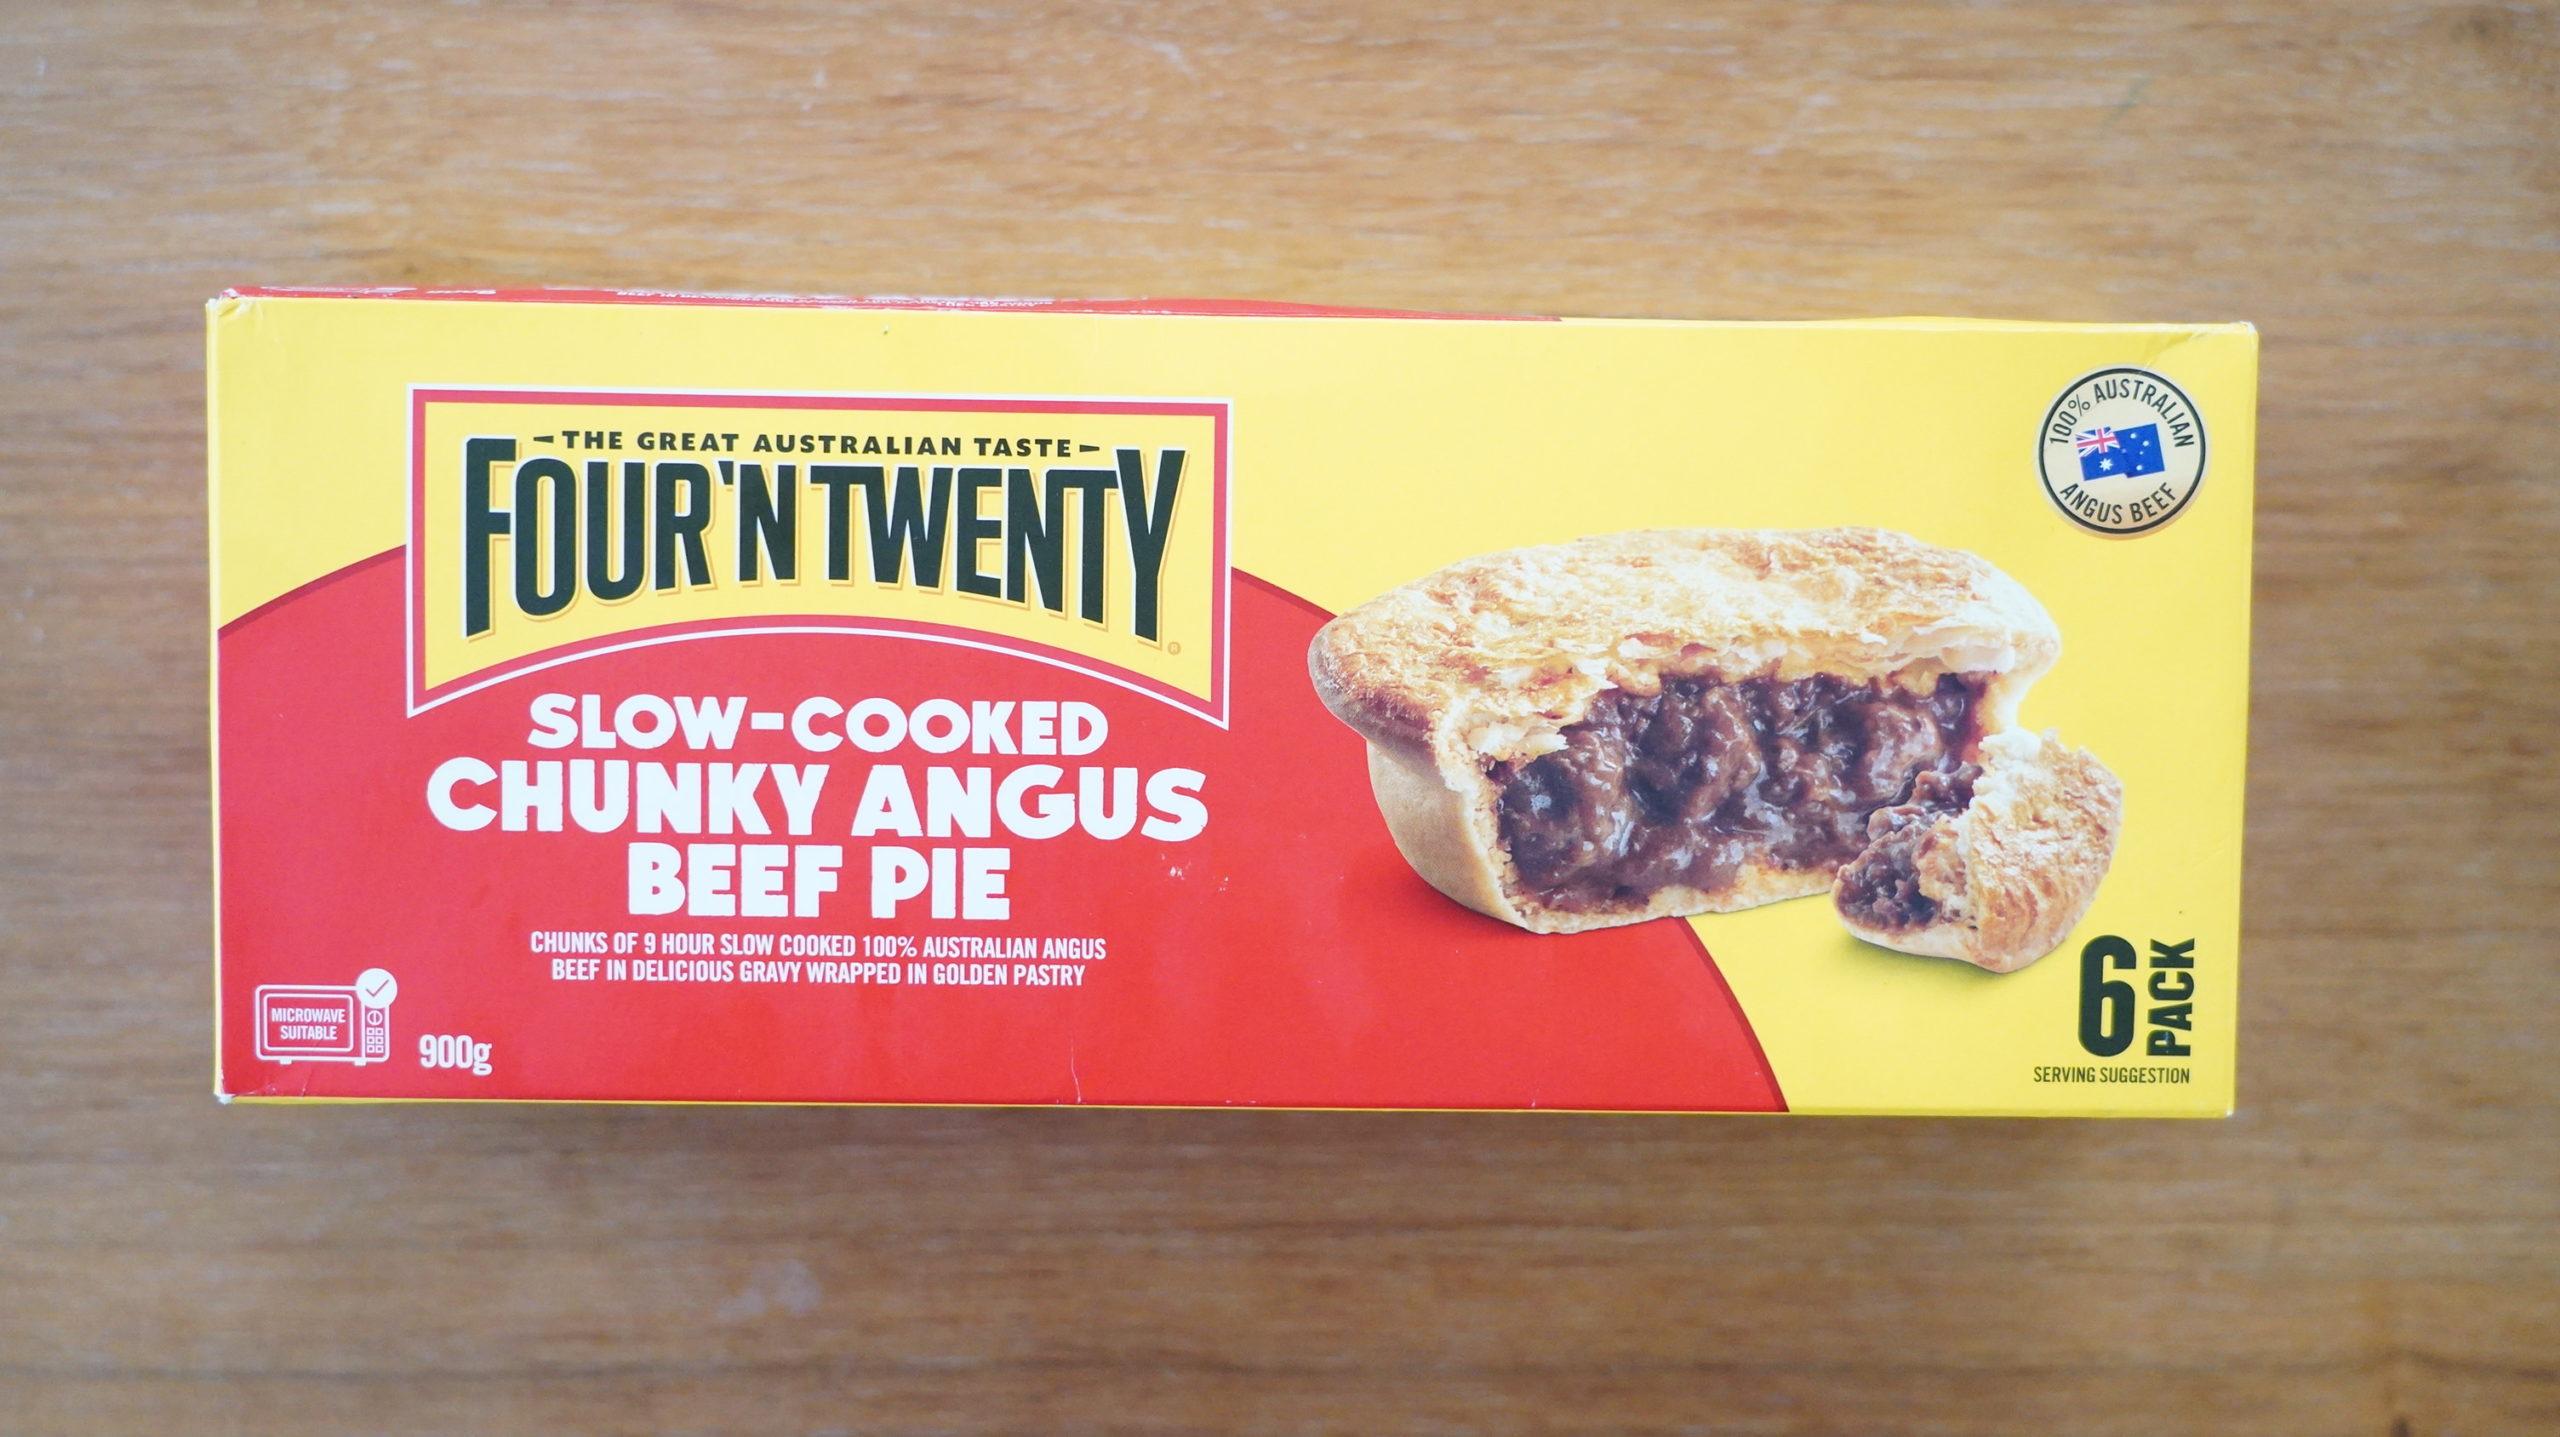 コストコの冷凍食品「アンガスビーフパイ」の箱の写真